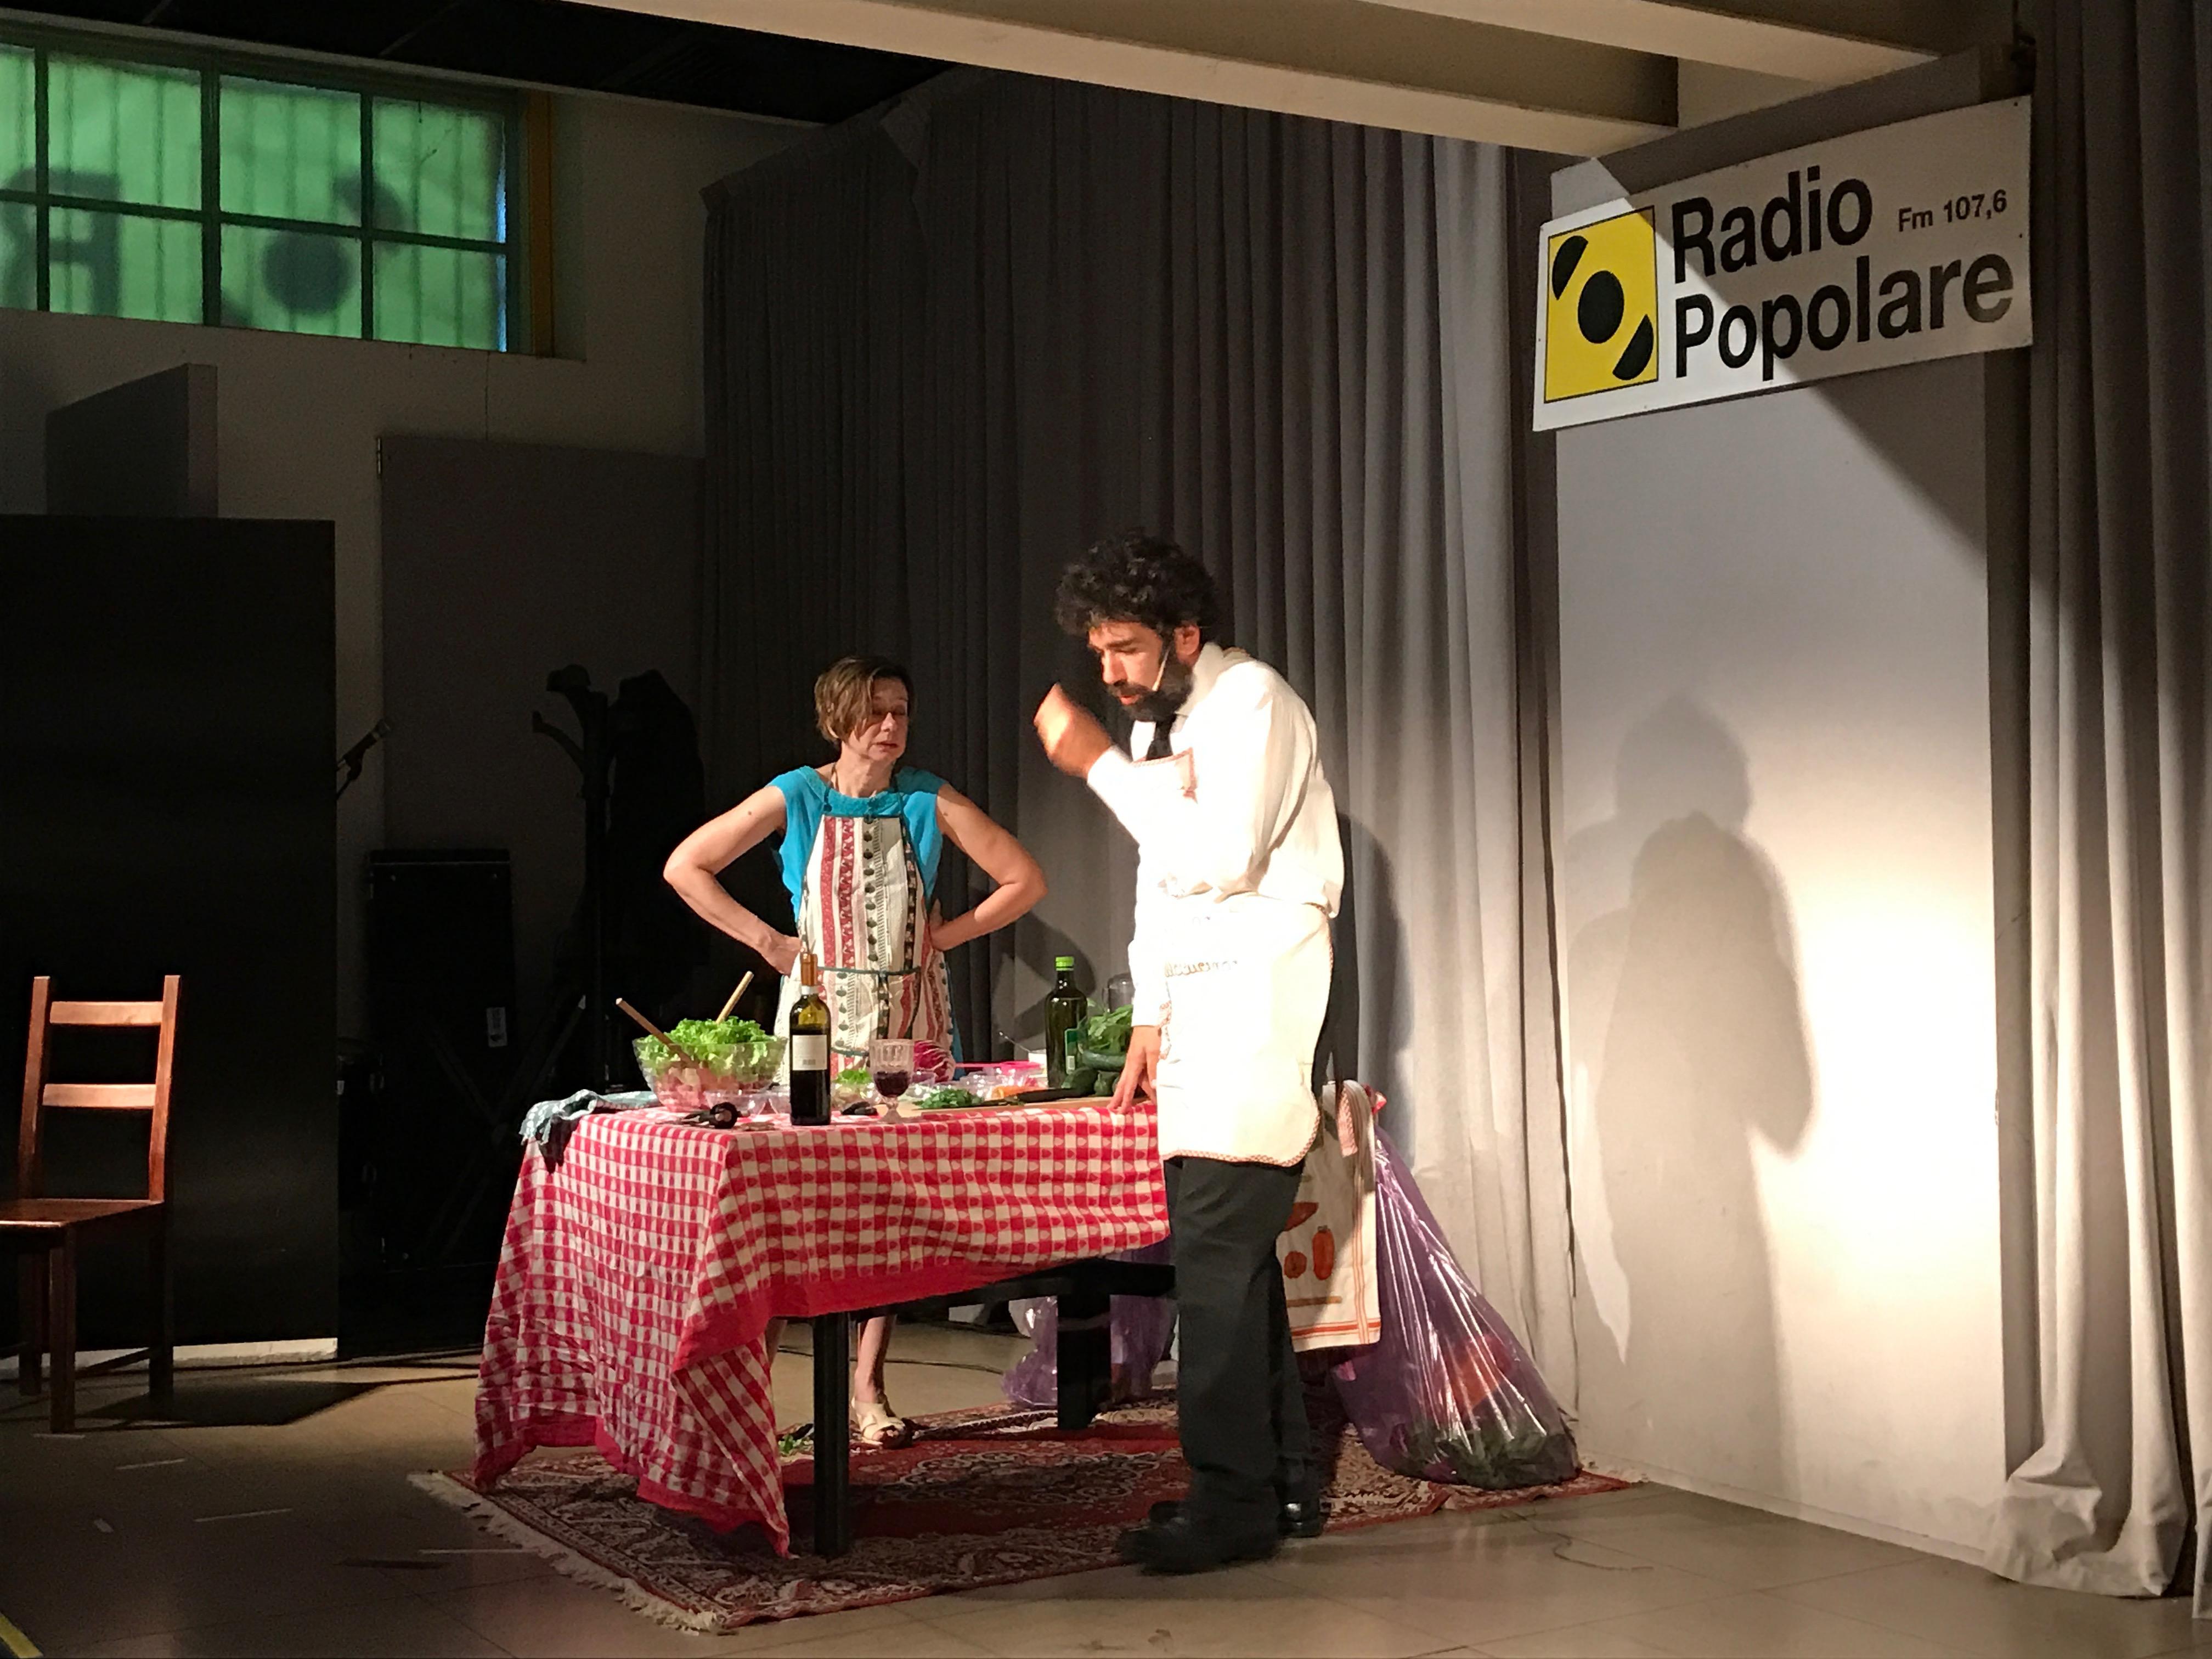 Il caso di Alessandro e Maria. Un classico di Gaber-Luporini interpretato da Monica Bonomi e Stefano Pirovano . Due vecchi amanti ricordano e recriminano mentre cucinano. Introduce Ira Rubini.